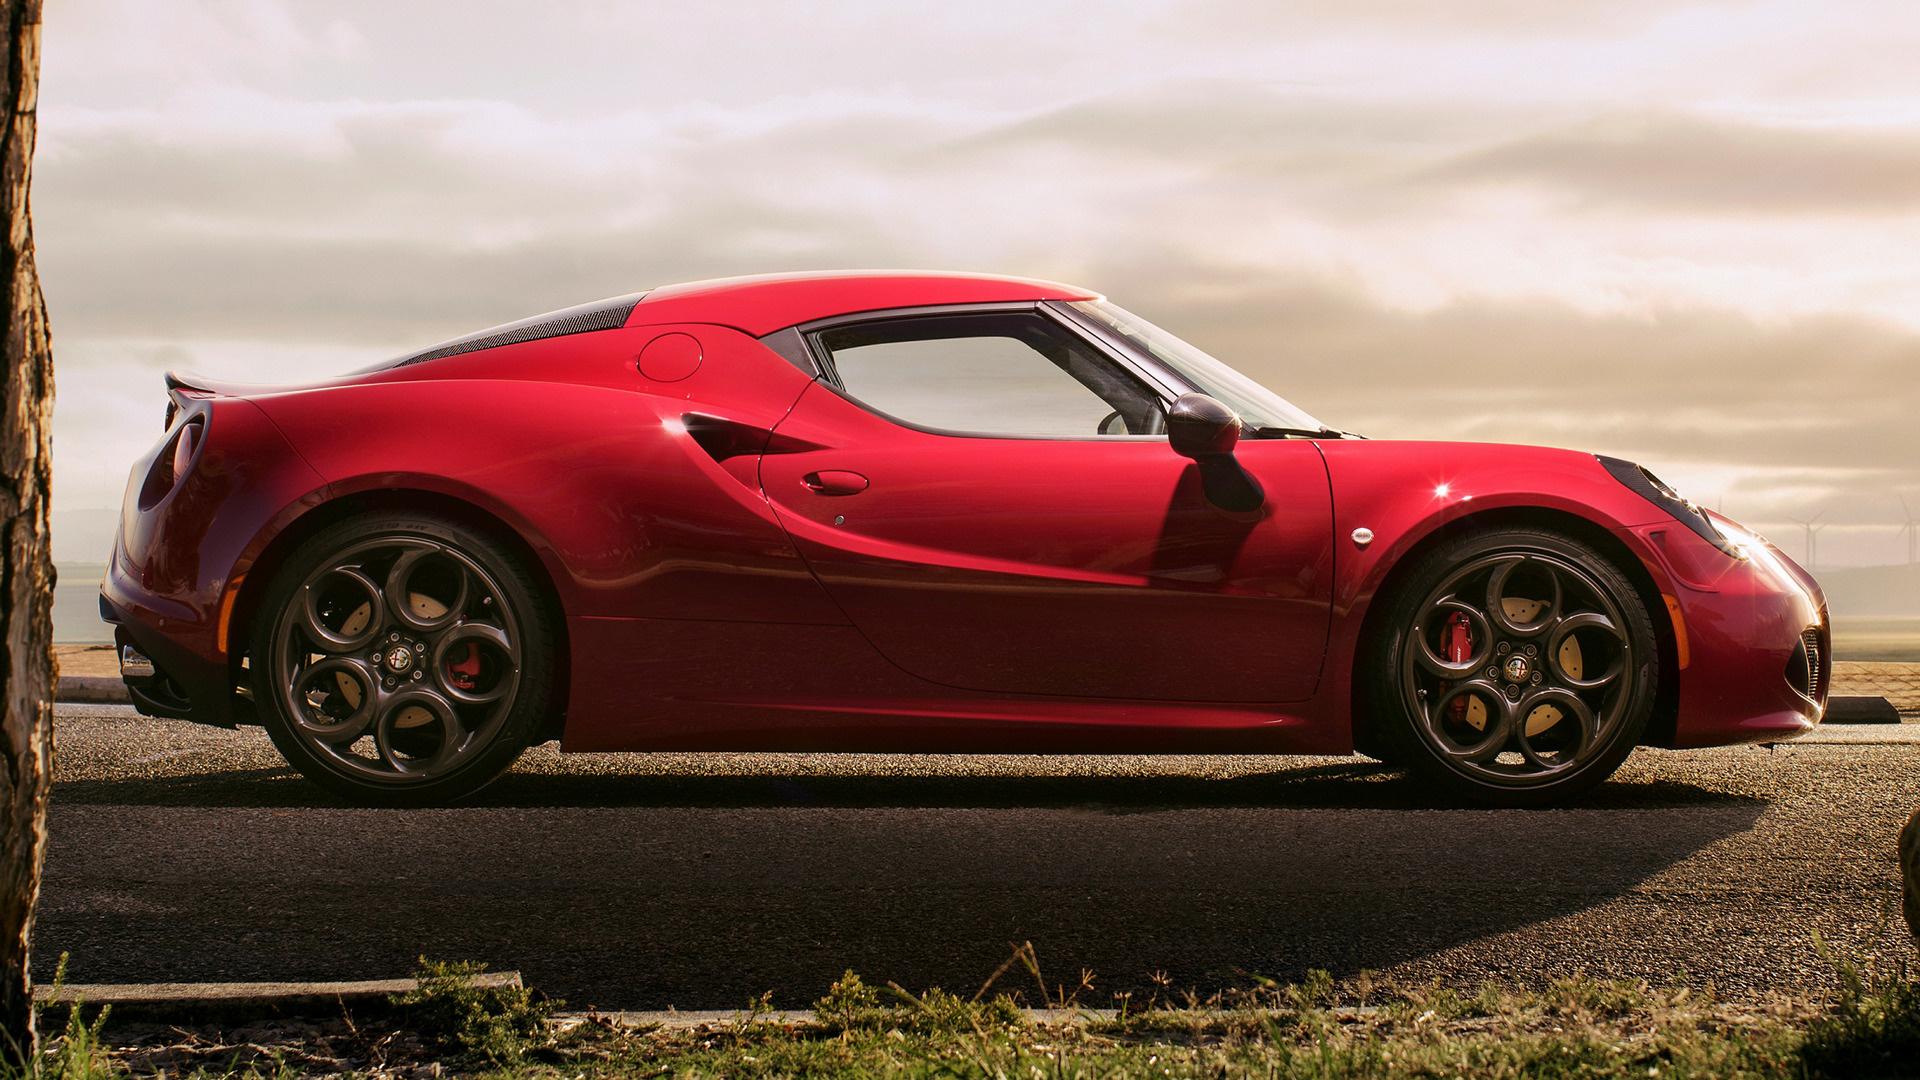 красный автомобиль alfa romeo 4c red car бесплатно